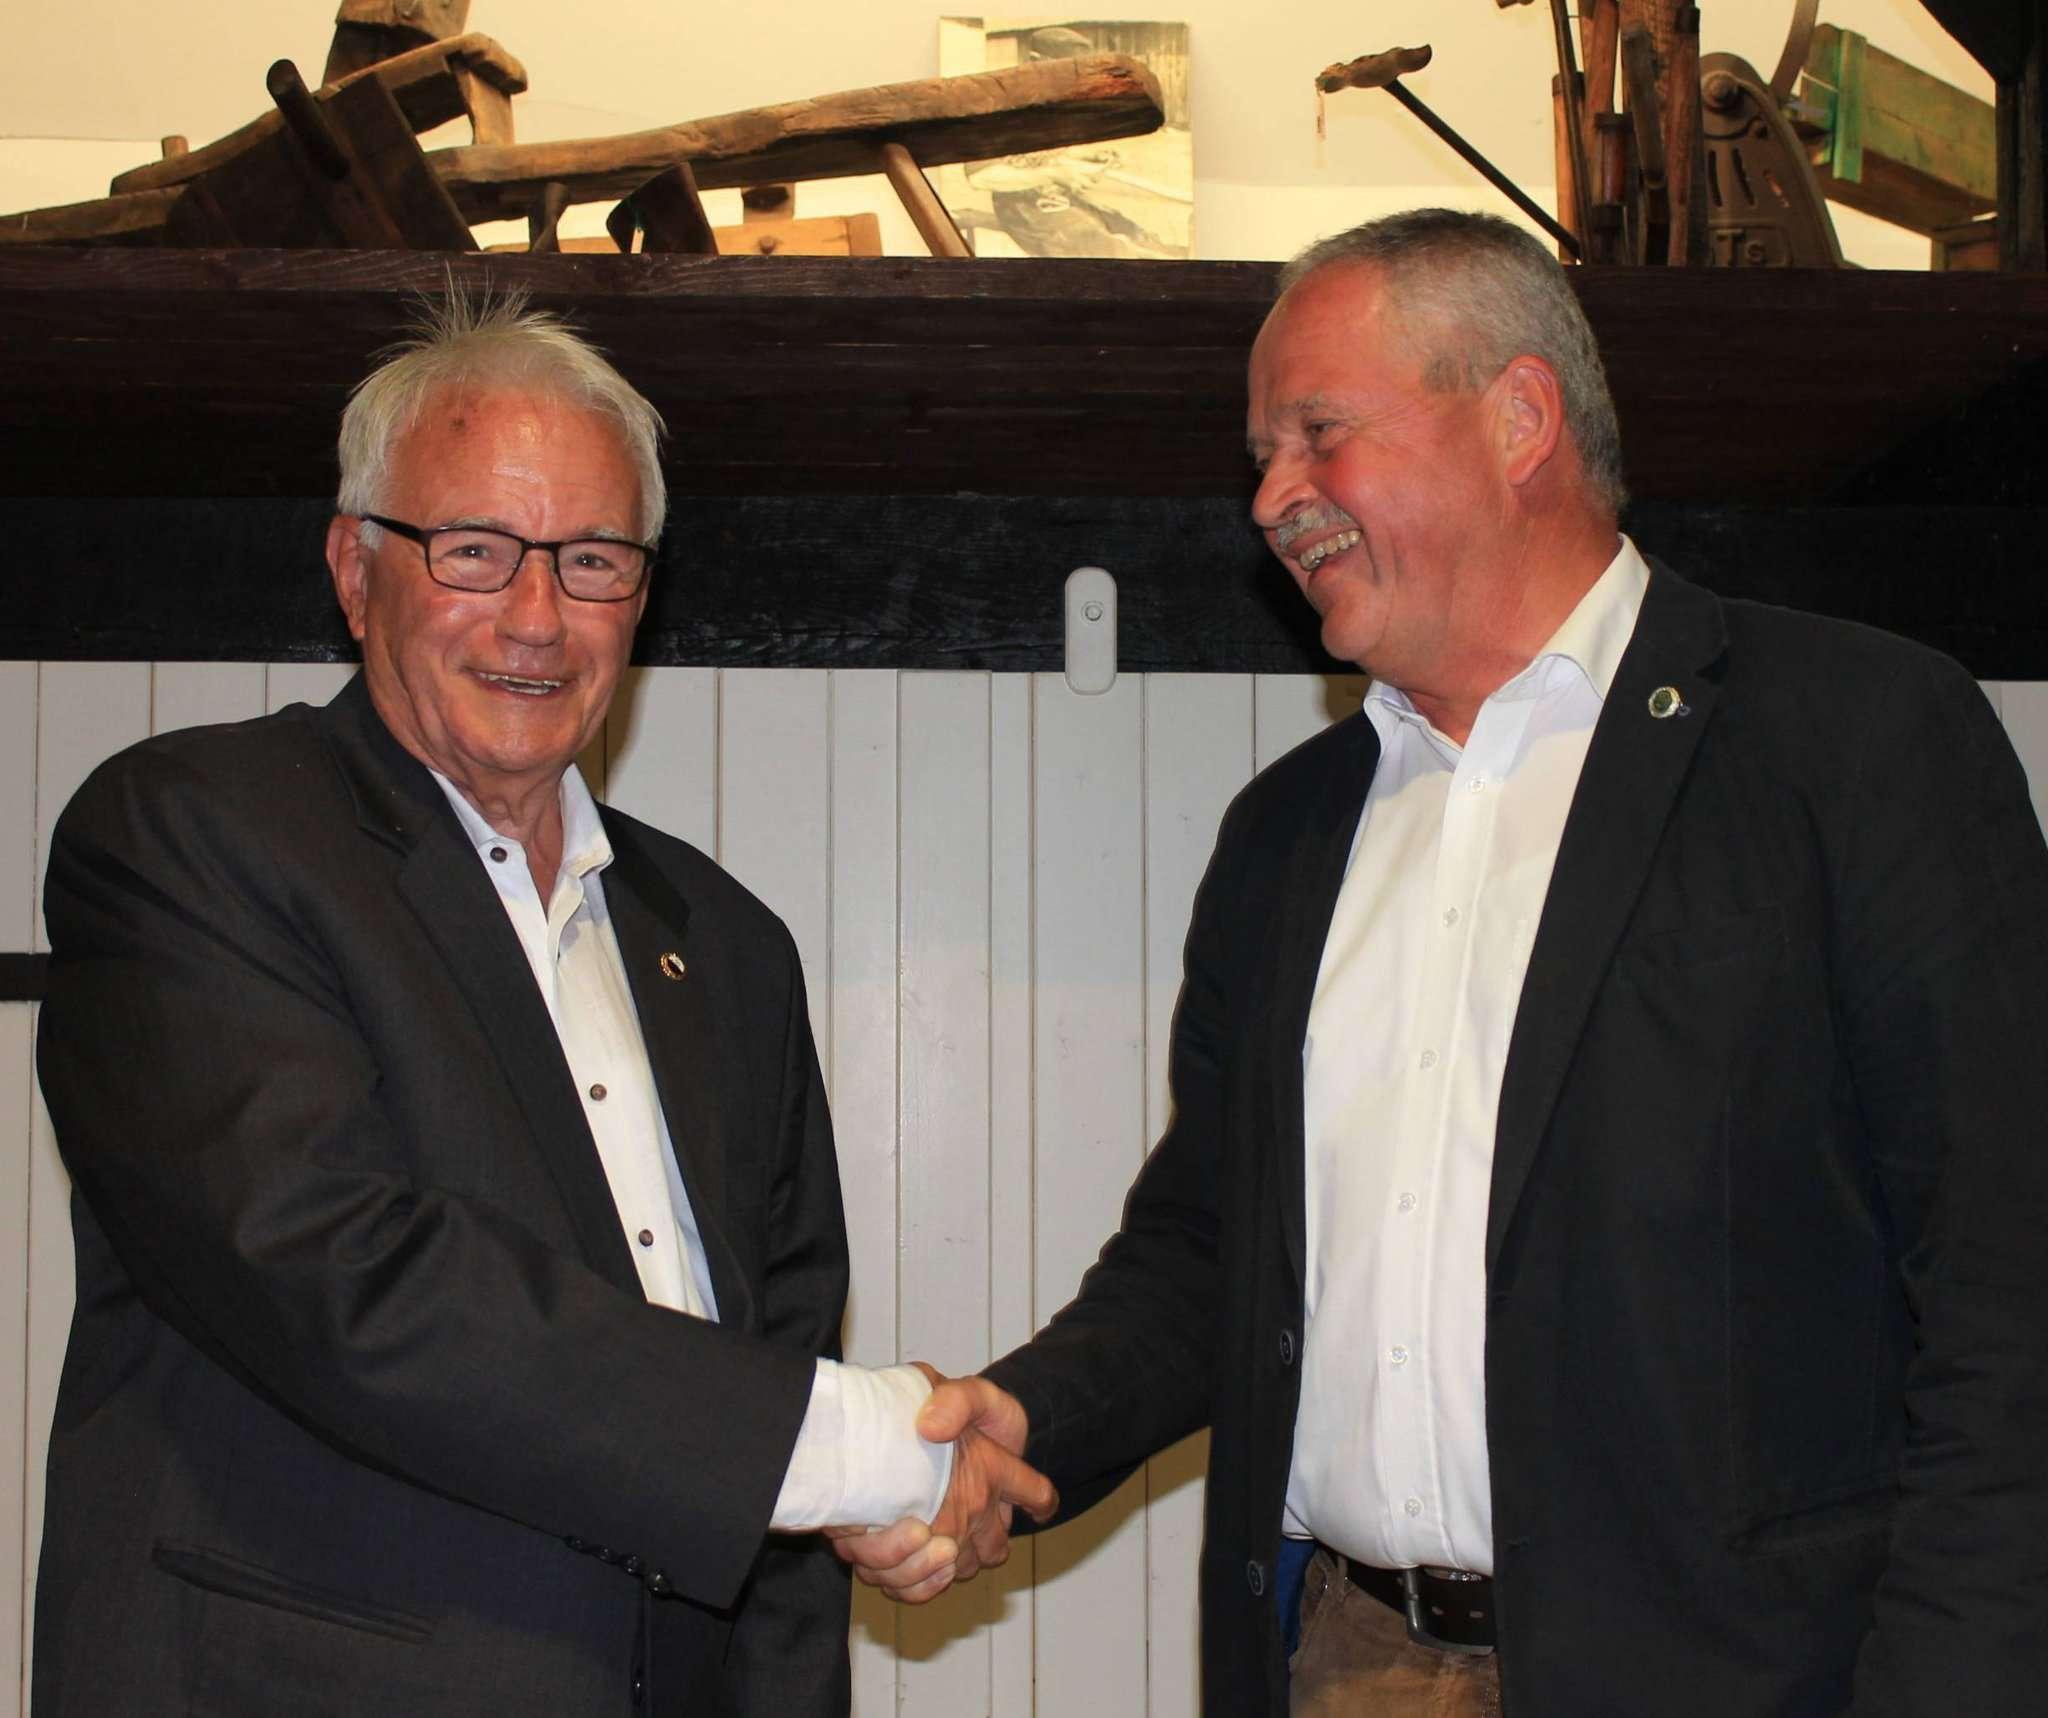 Gegenseitige Glückwünsche: Während Rolf Ludwig (l.) seinem Nachfolger Andreas Weber gratuliert, wird er selbst Ehrenvorsitzender des TuS Rotenburg.